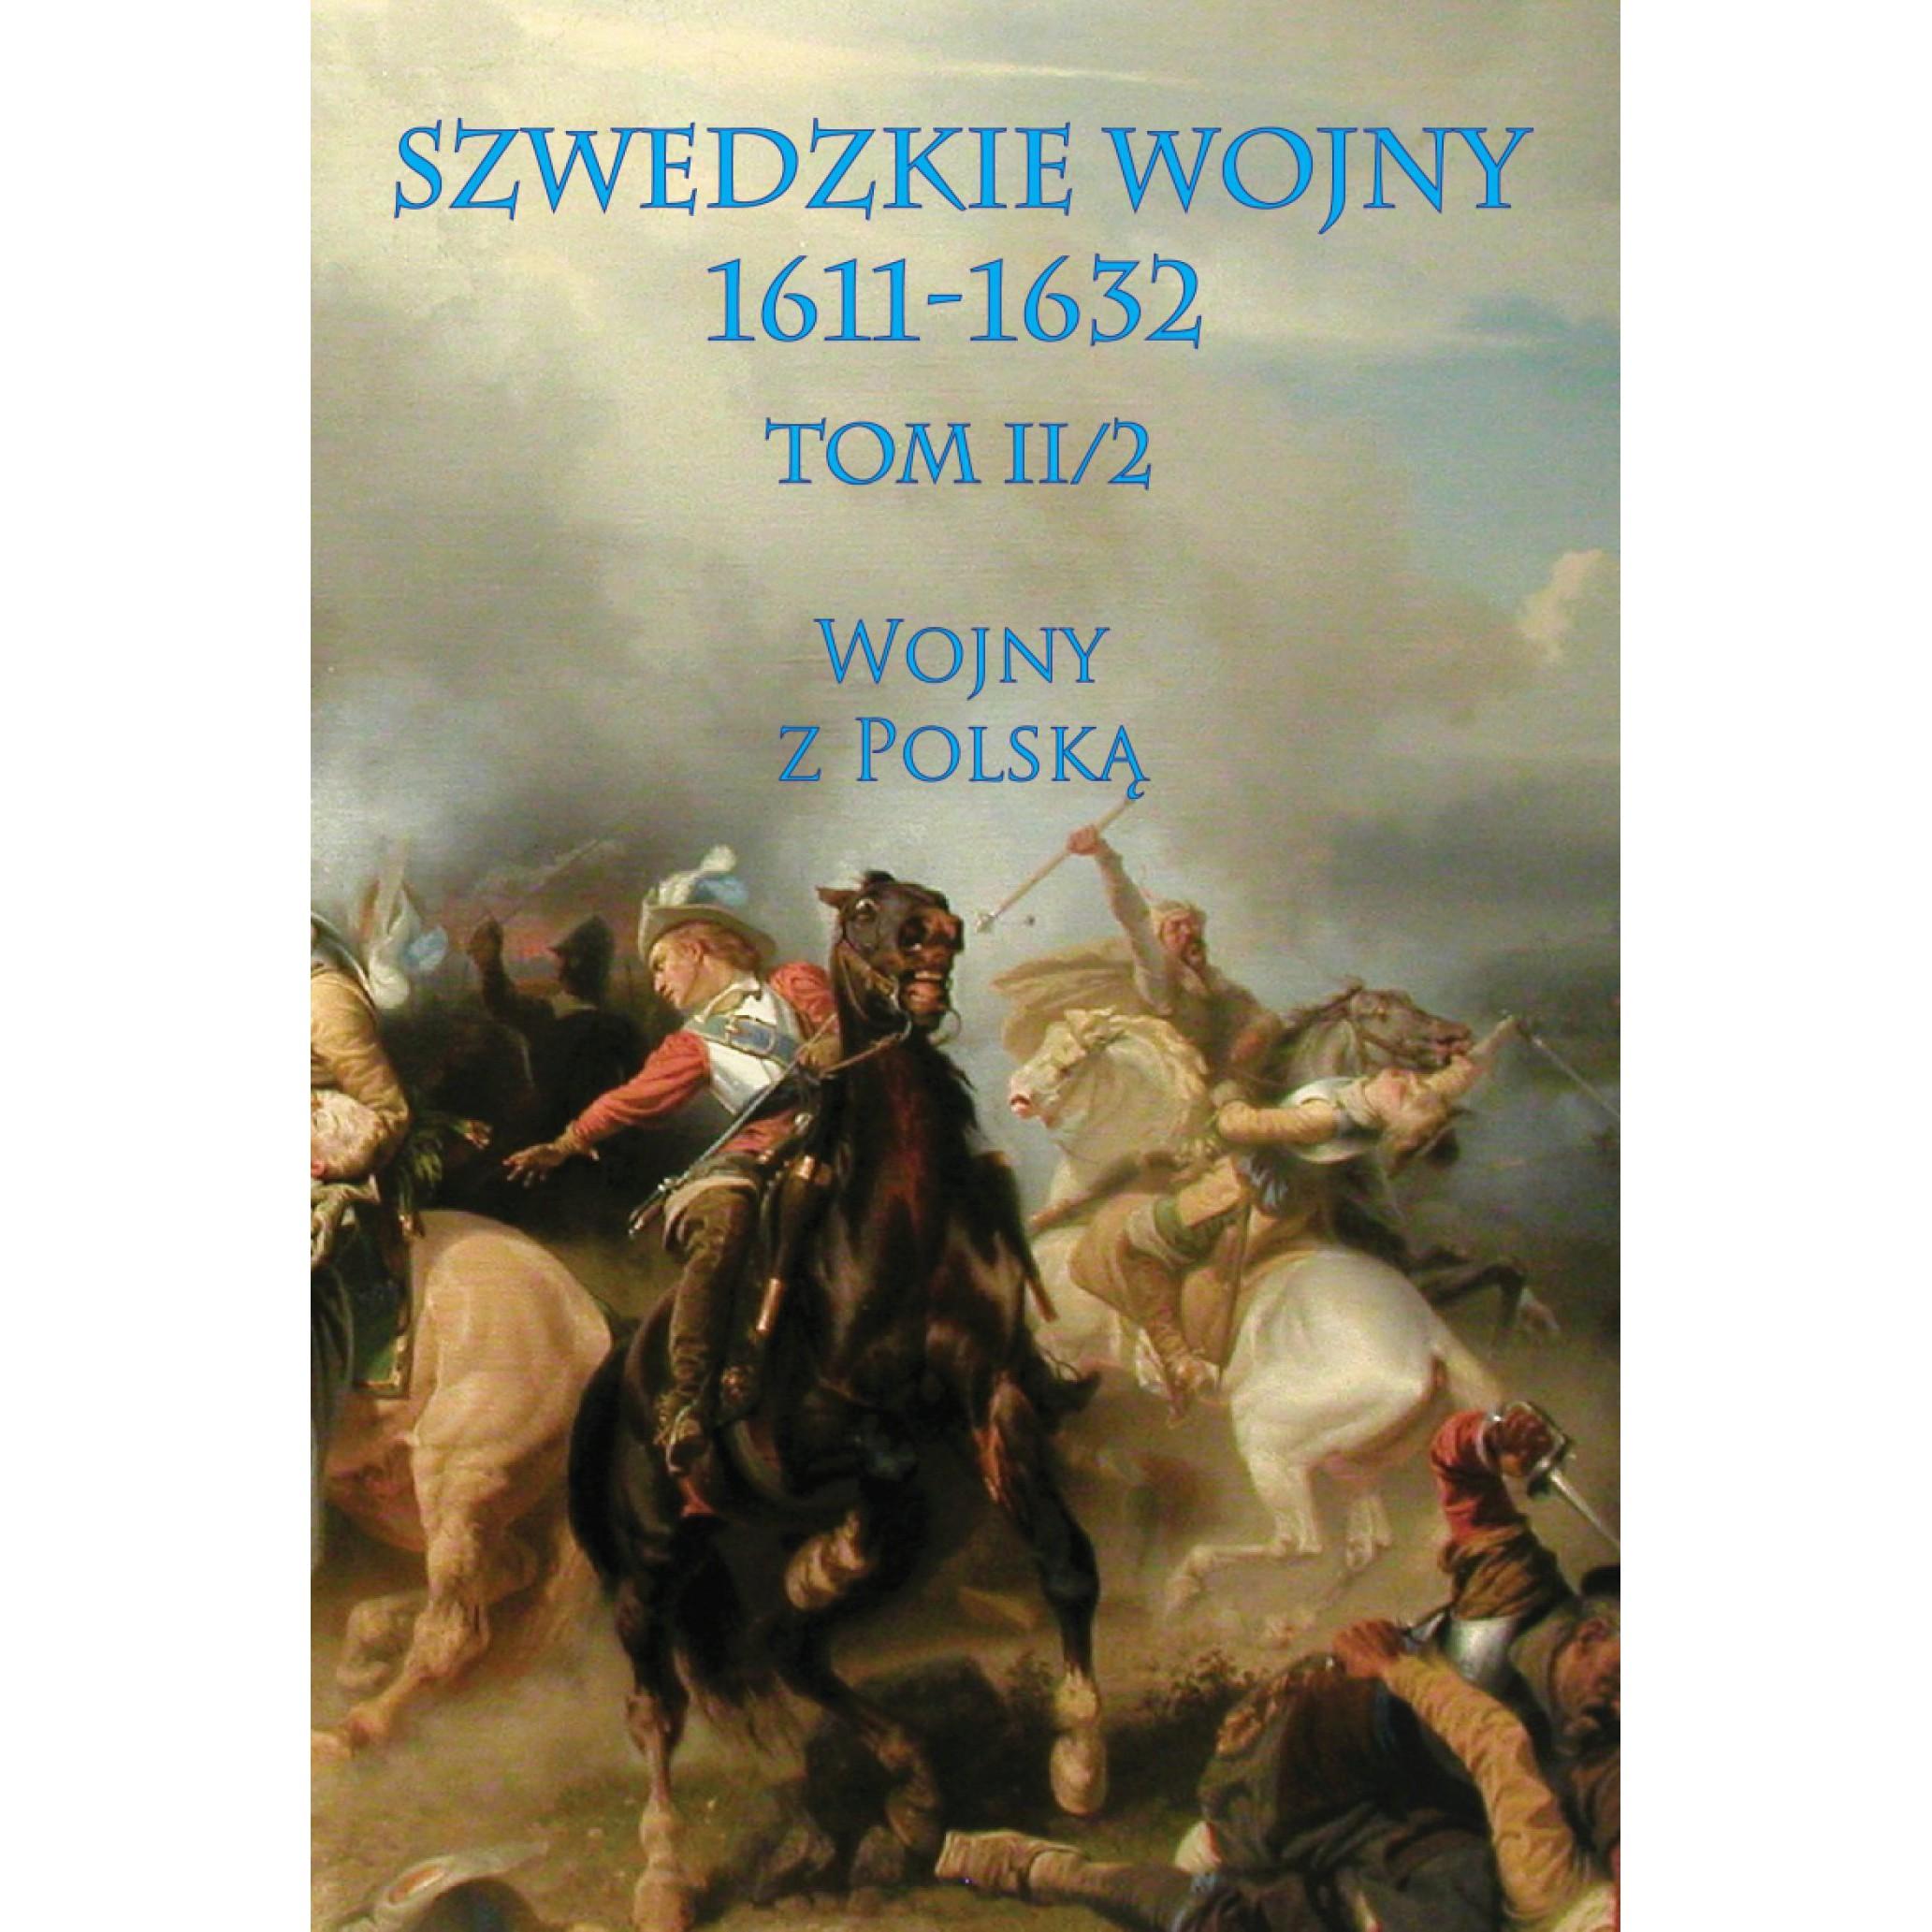 Szwedzkie wojny 1611-1632 Tom II cz. 2 Wojny z Polską